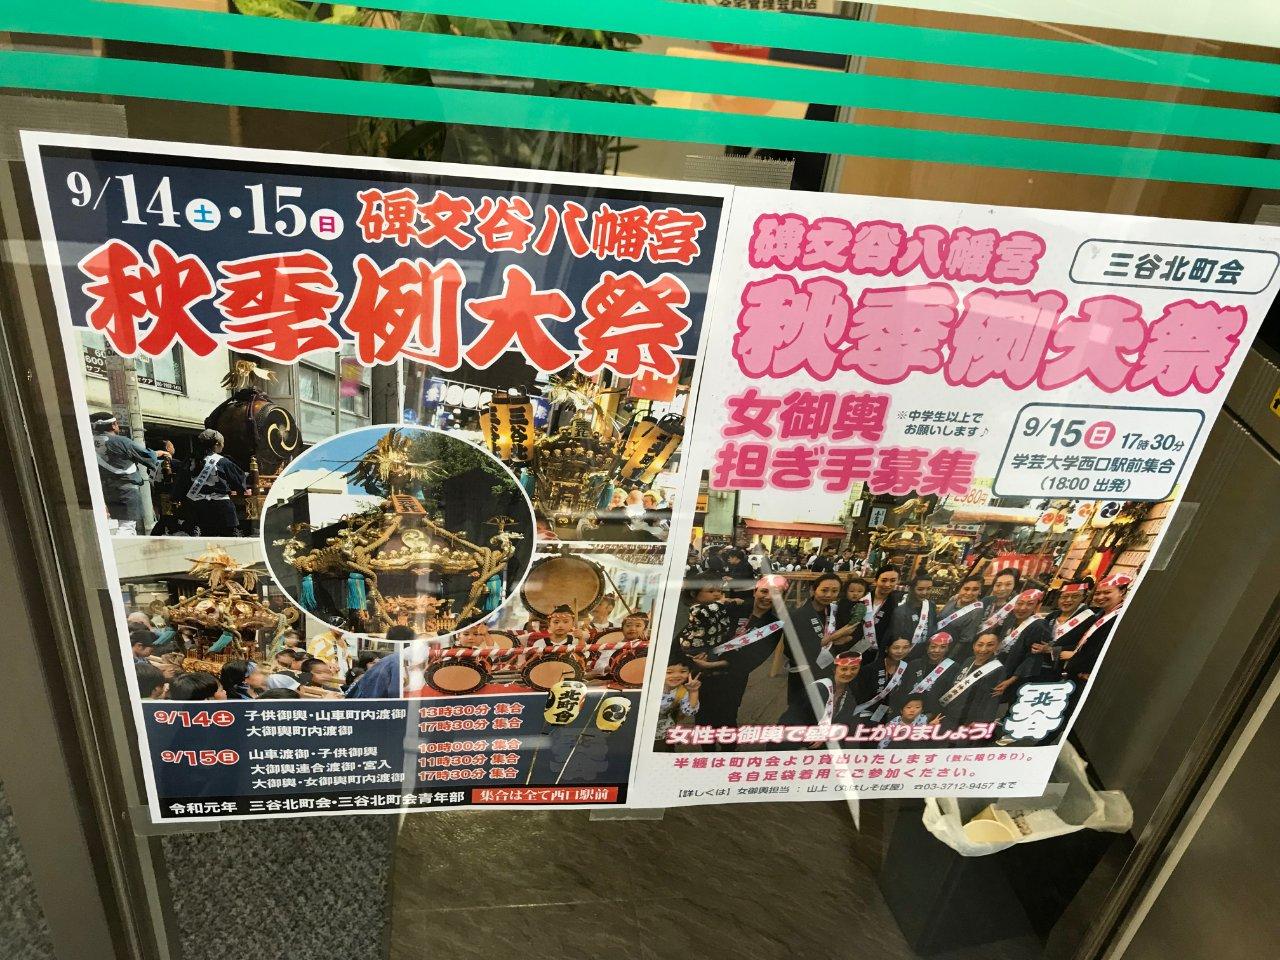 9月14日(土曜)、15日(日曜) 碑文谷八幡宮秋季例大祭 開催します!